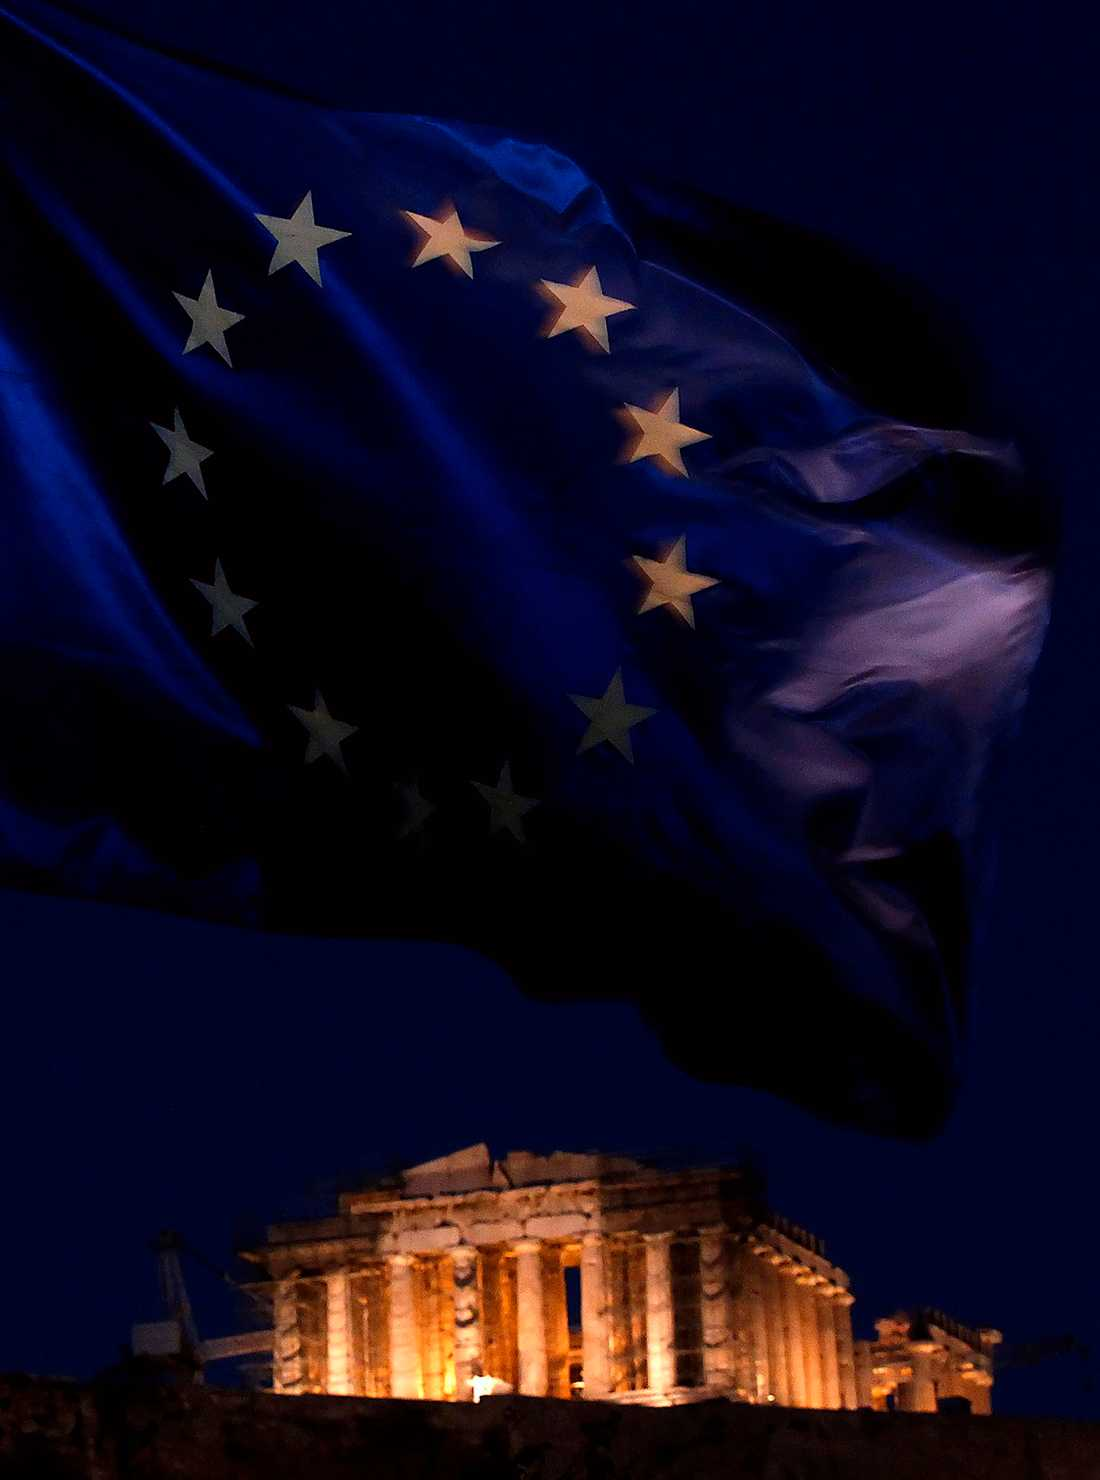 alla vill till himlen EU-flaggan fladdrar i vinden med Parthenontemplet i Aten i bakgrunden. Samtidigt försöker premiärminister Papandreo hitta lösningar på krisen.